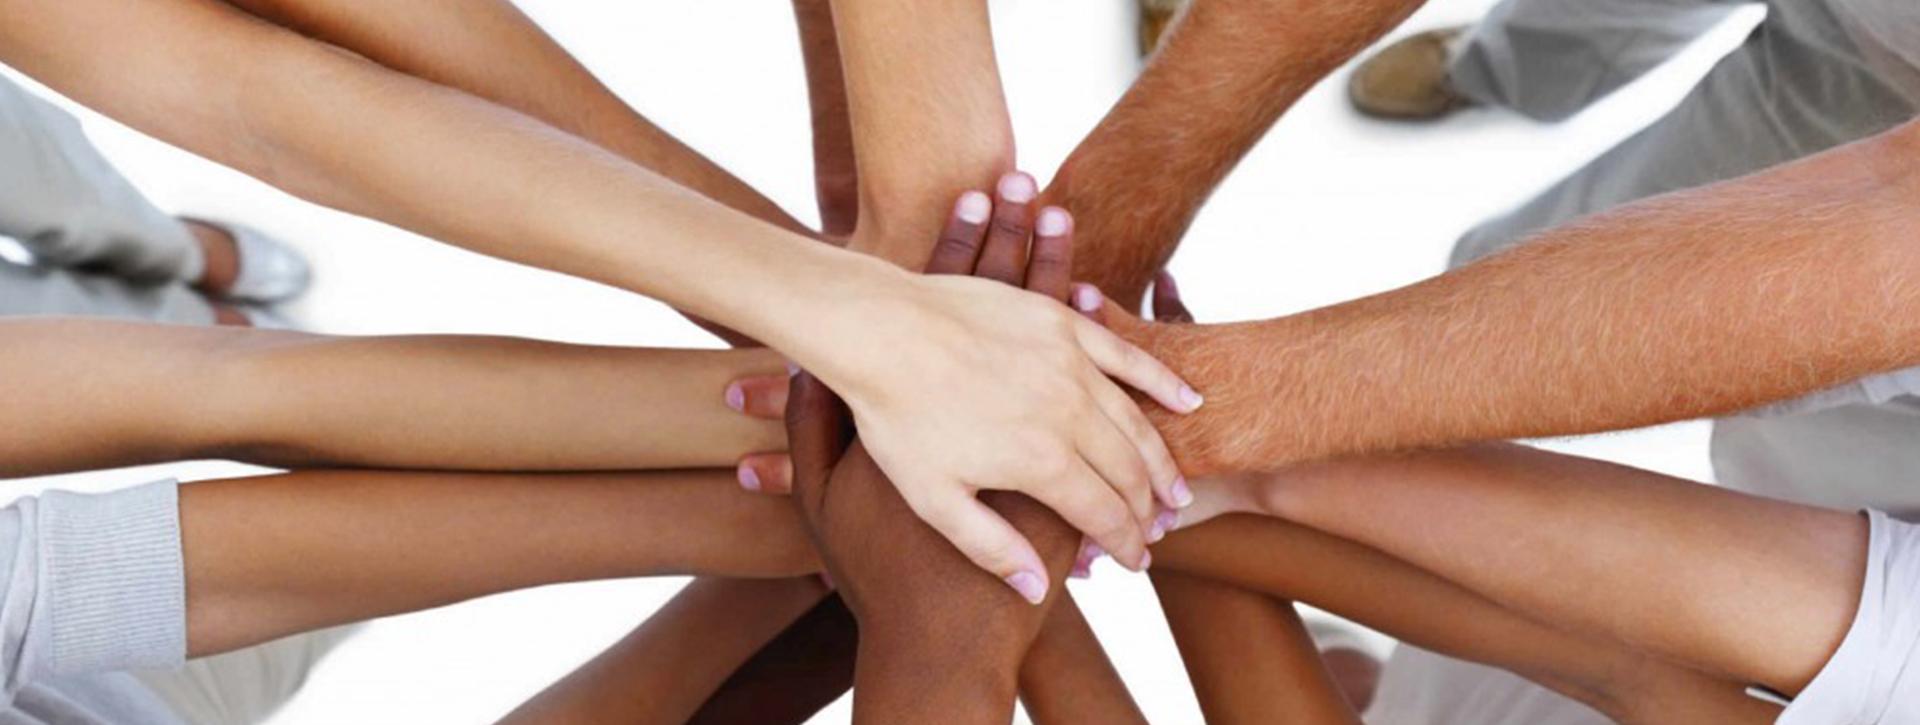 Našim cieľom je byť tam, kde sú ľudia v núdzi a spájať tých, ktorí chcú adresnú pomoc poskytovať tým, ktorí to potrebujú!